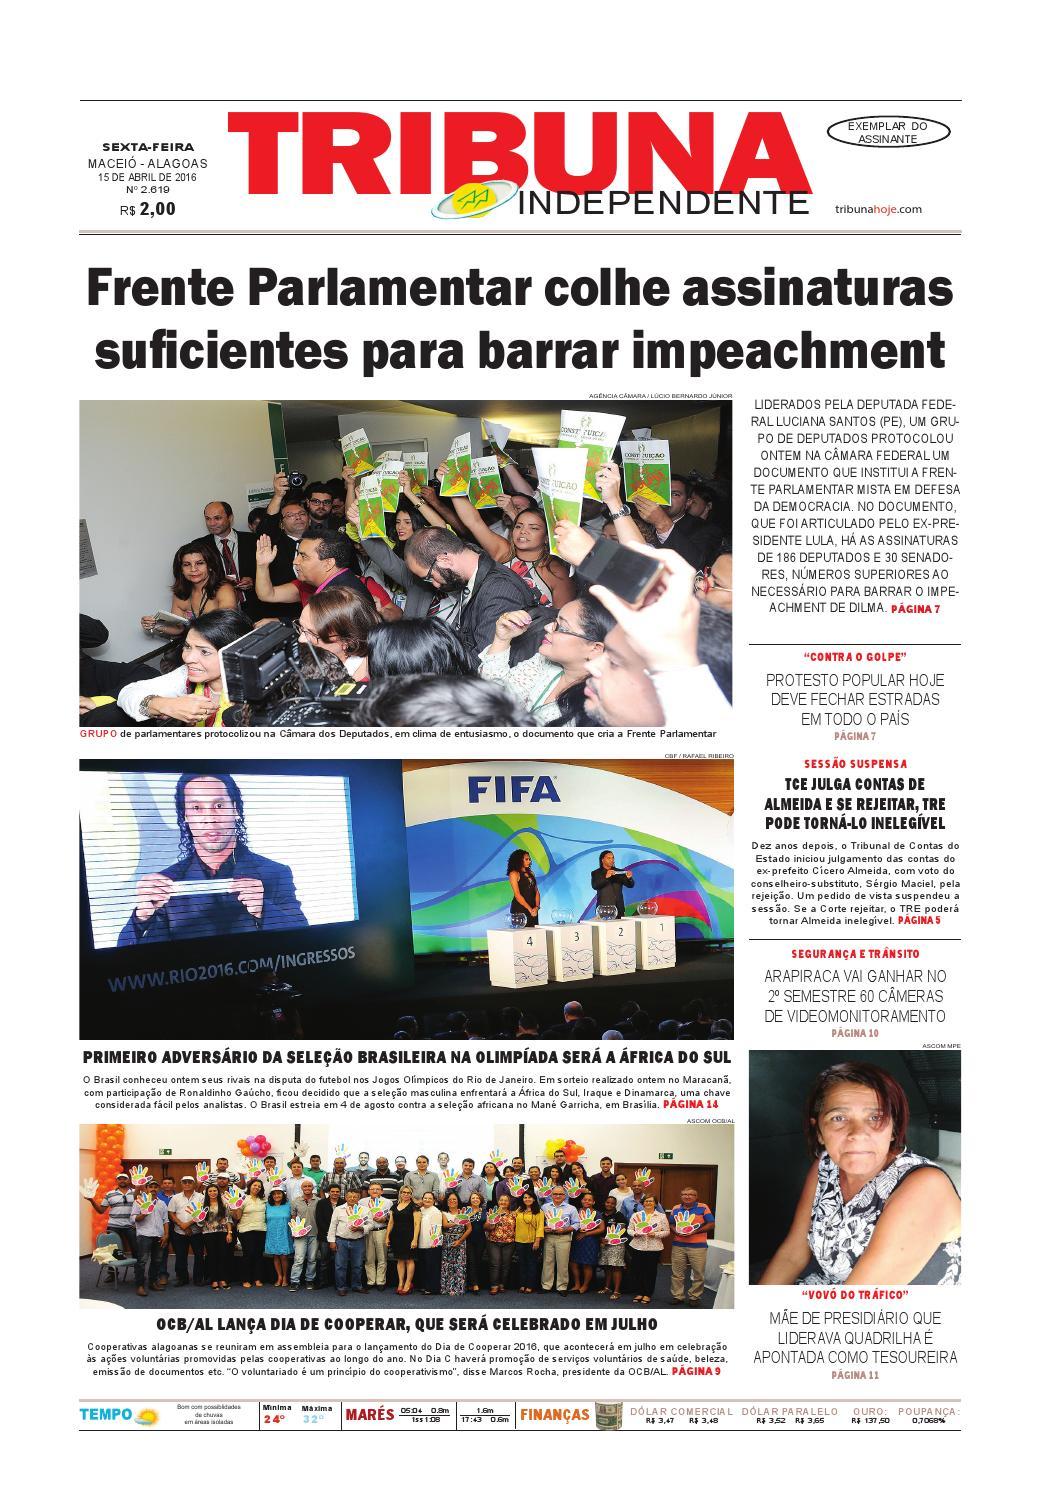 9933e610cd2d9 Edição número 2619 - 15 de abril de 2016 by Tribuna Hoje - issuu